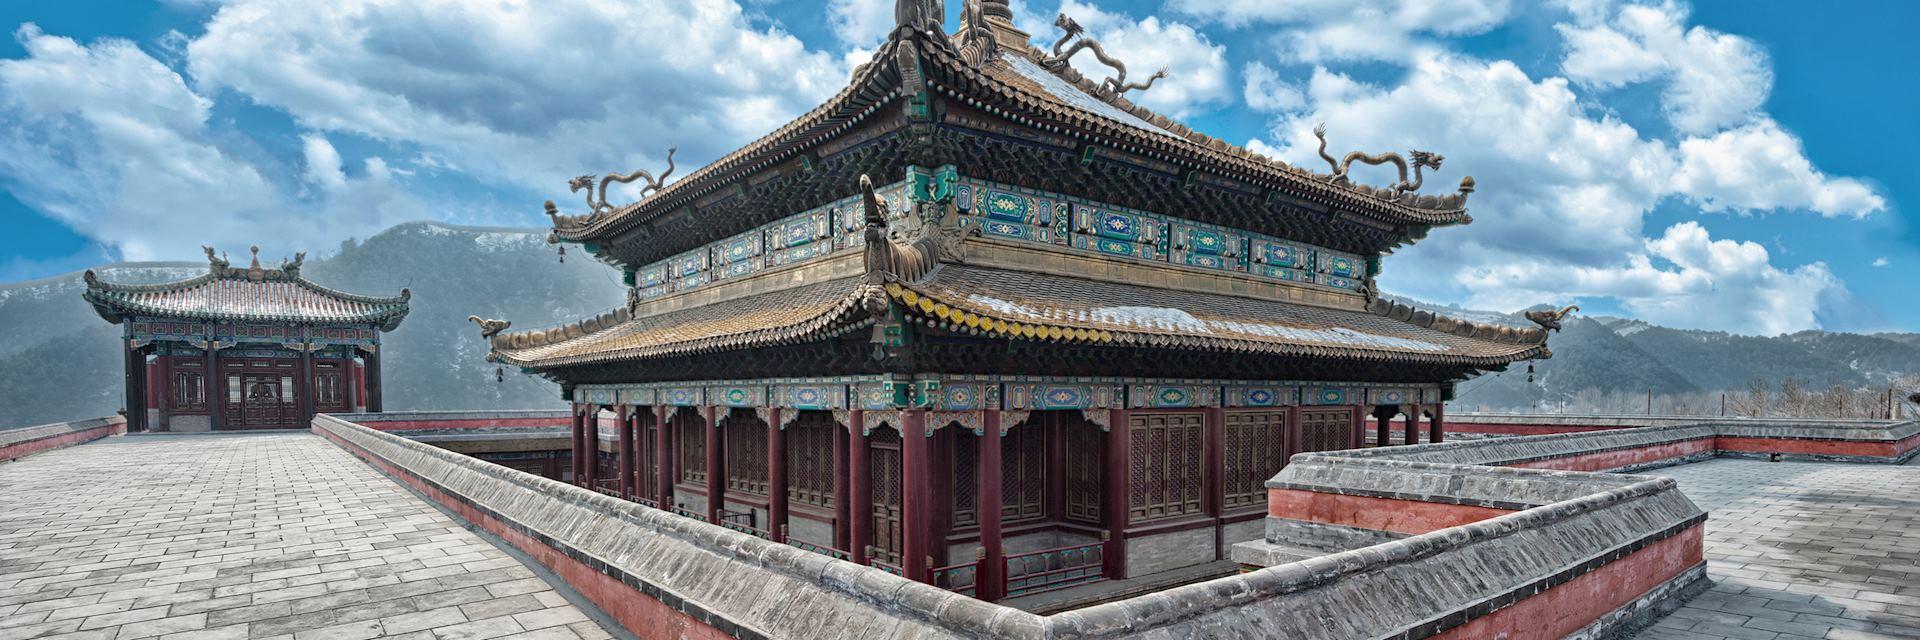 Chinese palace, Chengde